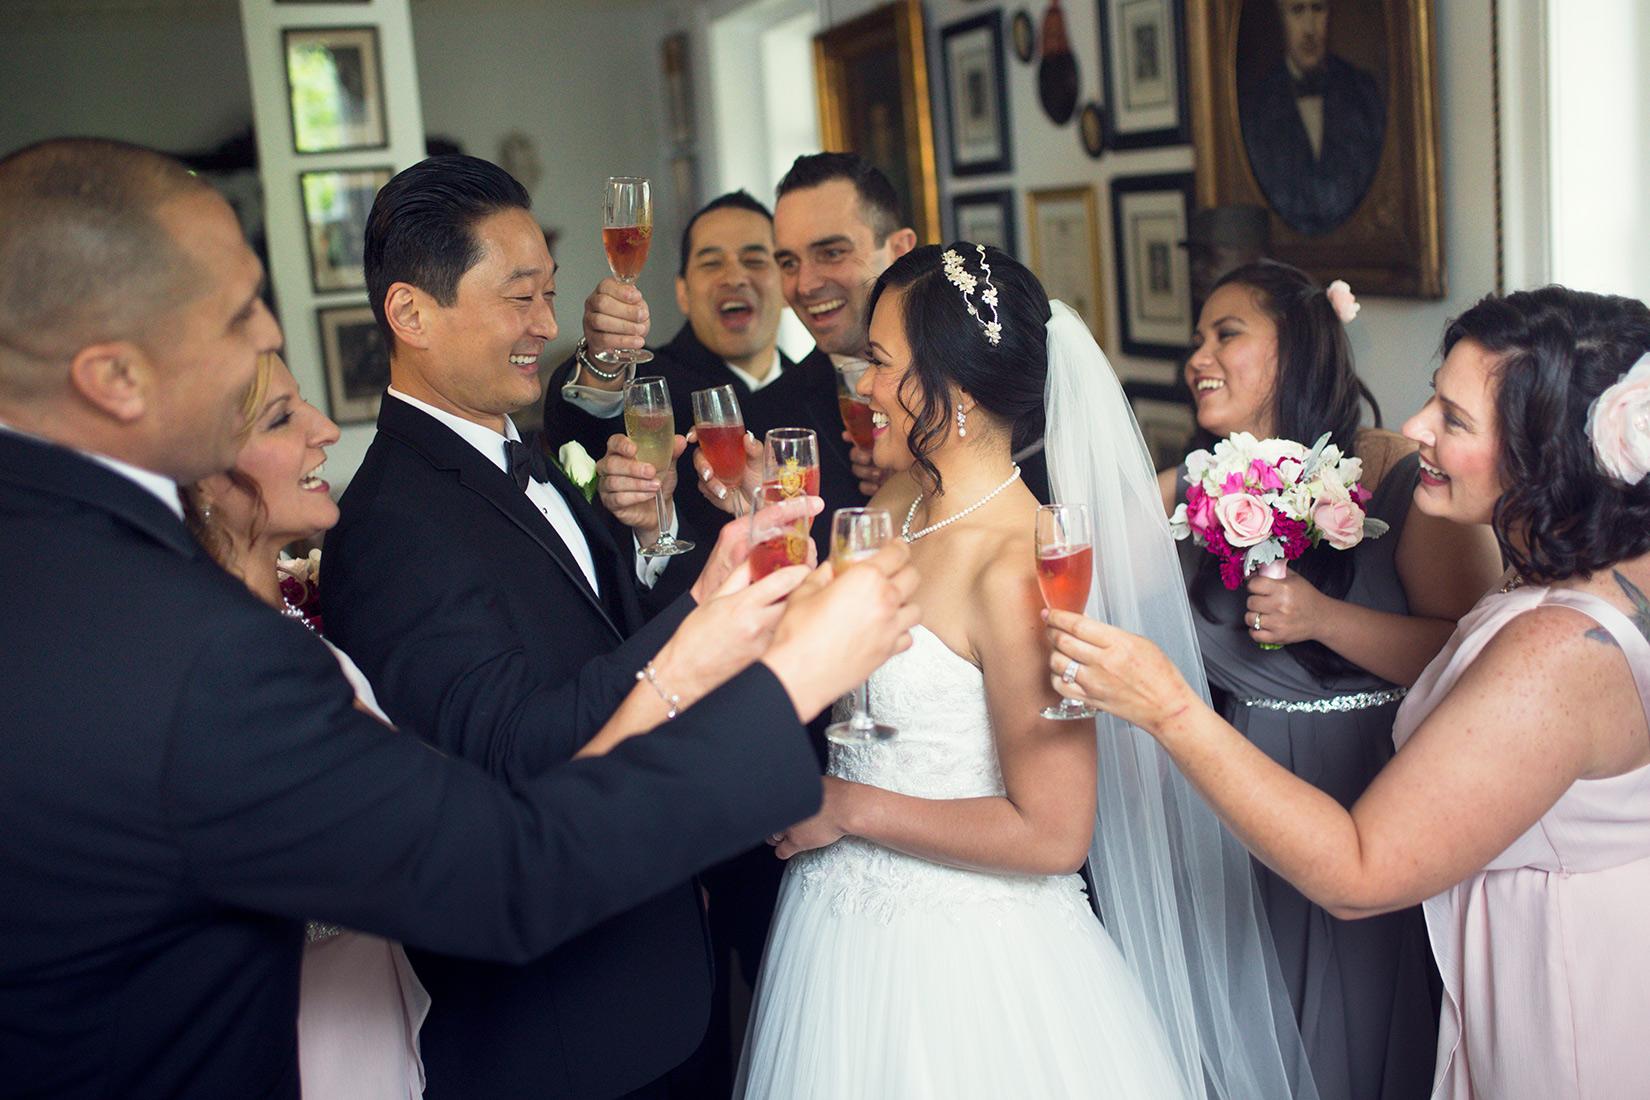 Tahoe-wedding-fun-champagne